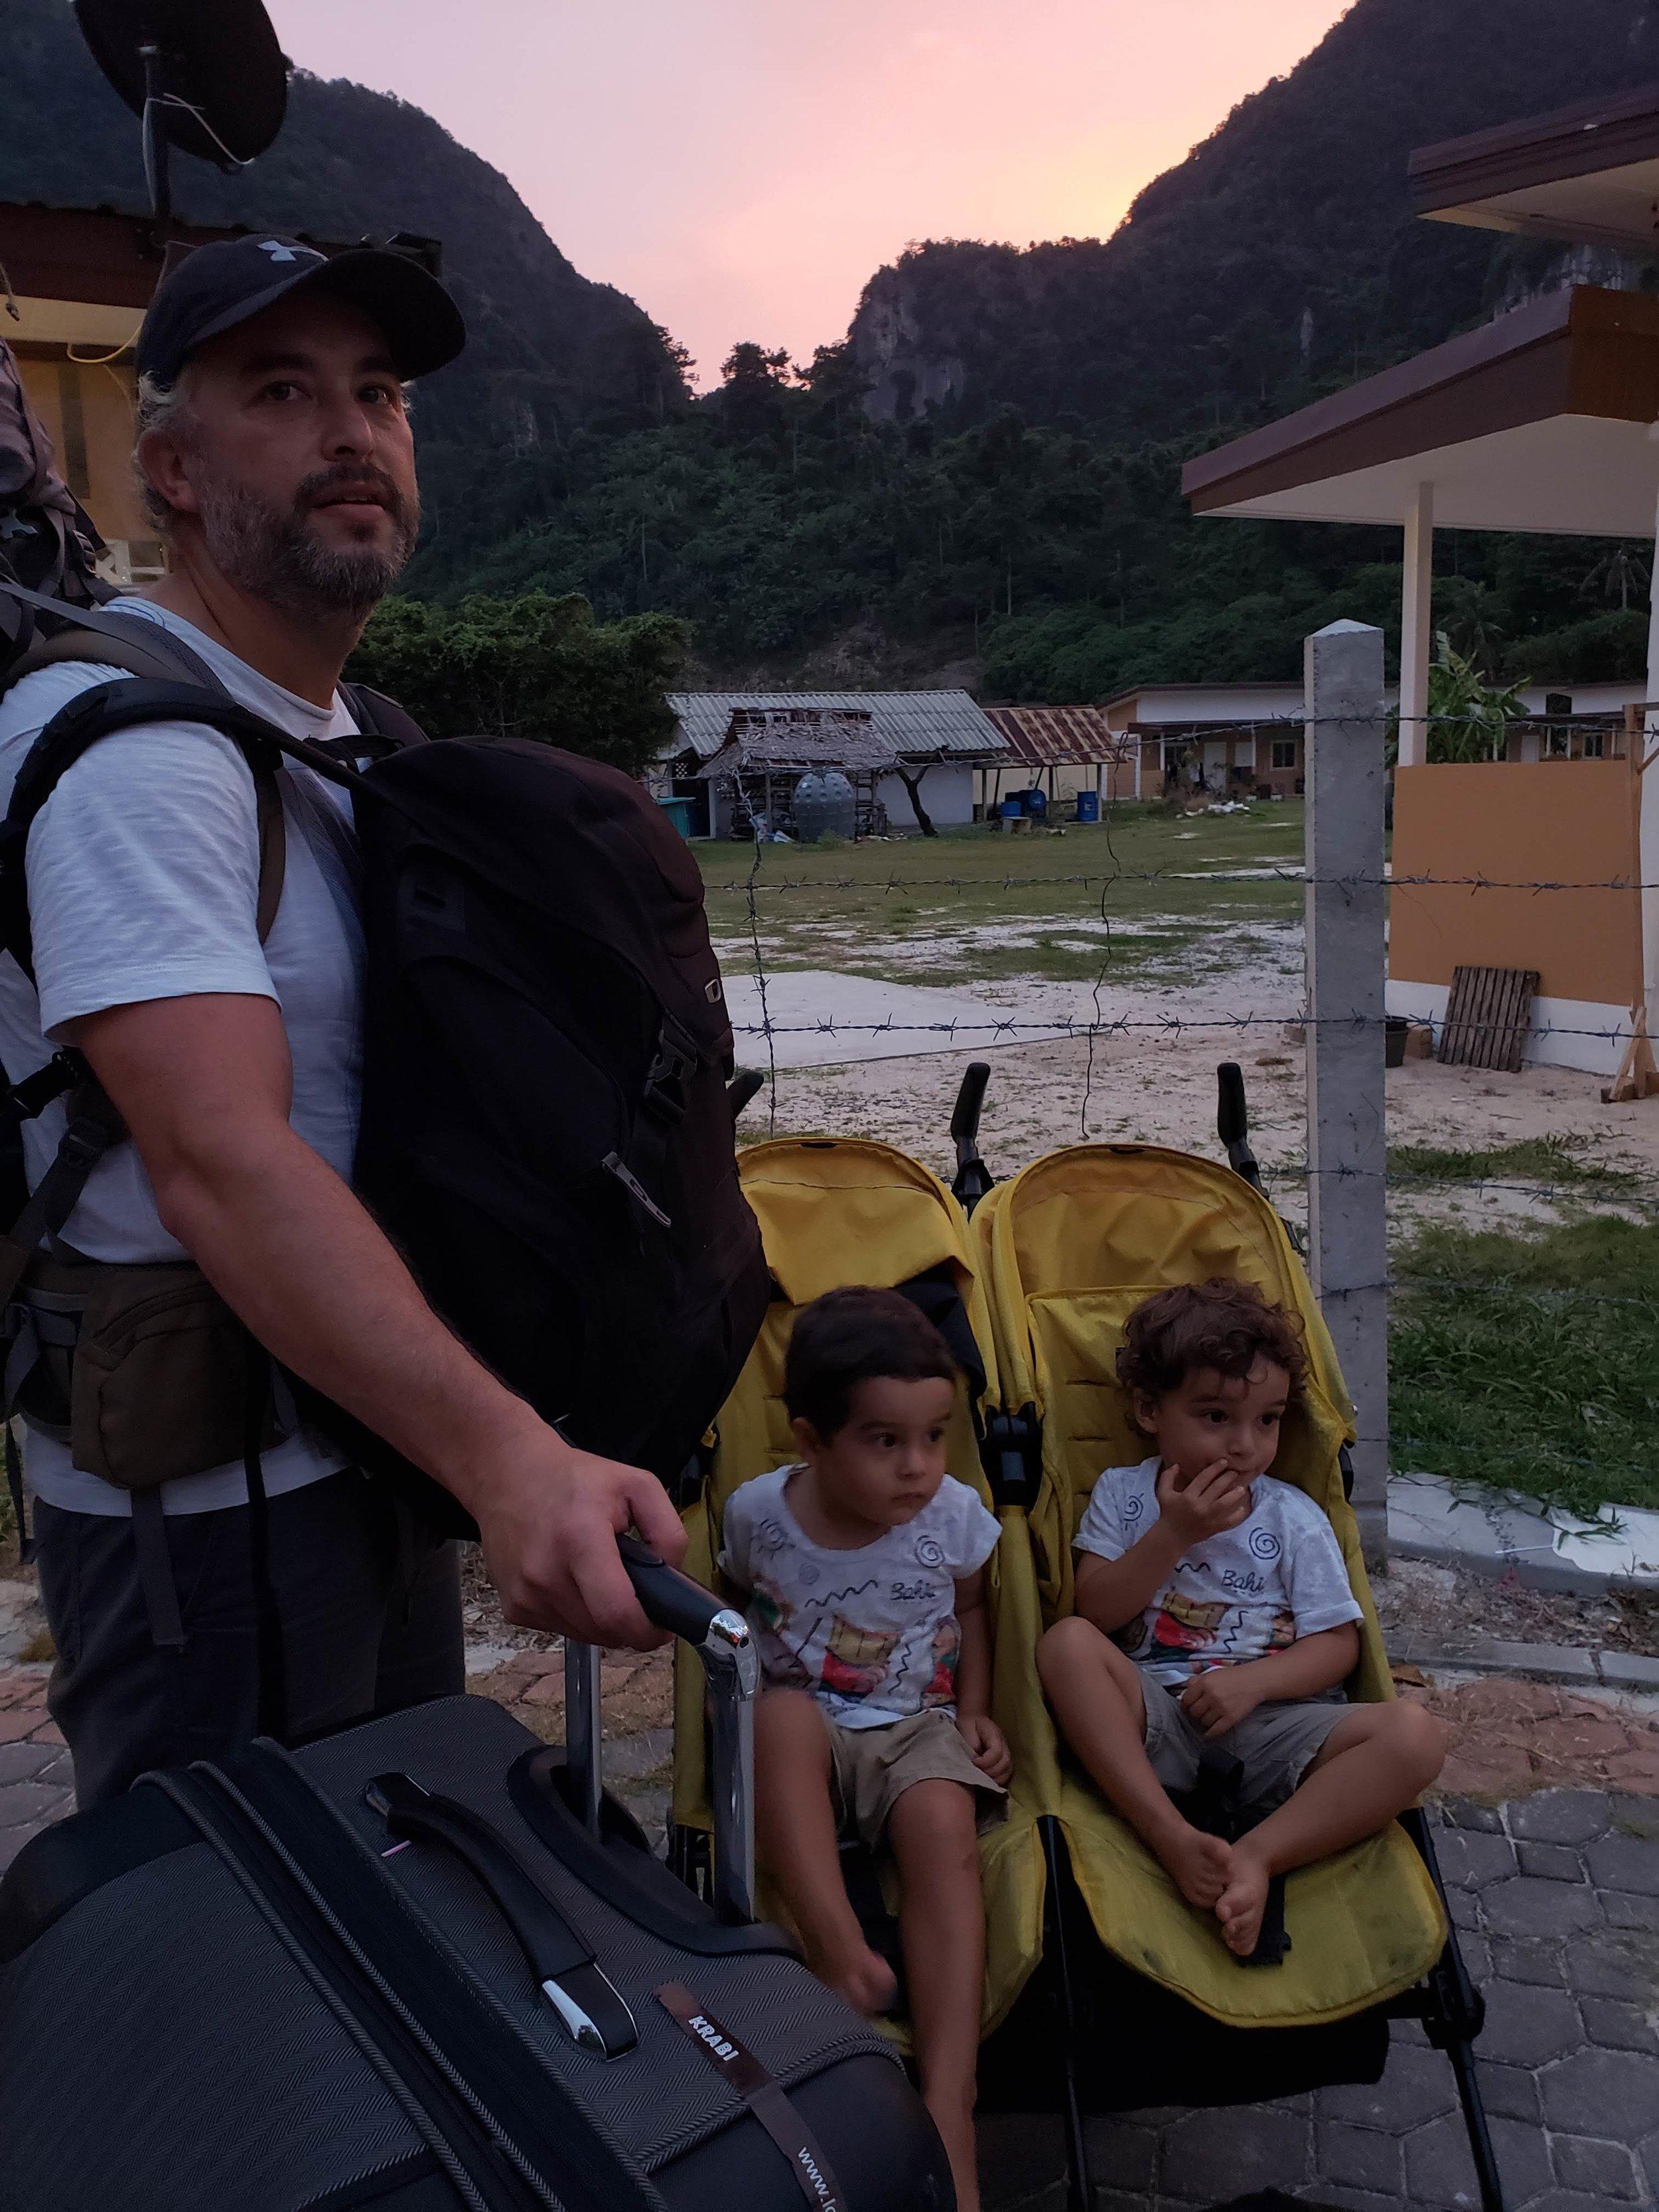 O carrinho fecha como uma única peça e pesa 10Kg. Usamos muito nas cidades e também durante os deslocamentos. Ele carrega as crianças e ajuda com as malas menores, que penduramos nele. Foto: saída da ilha de Ko Phiphi, indo do hotel para o ferry.